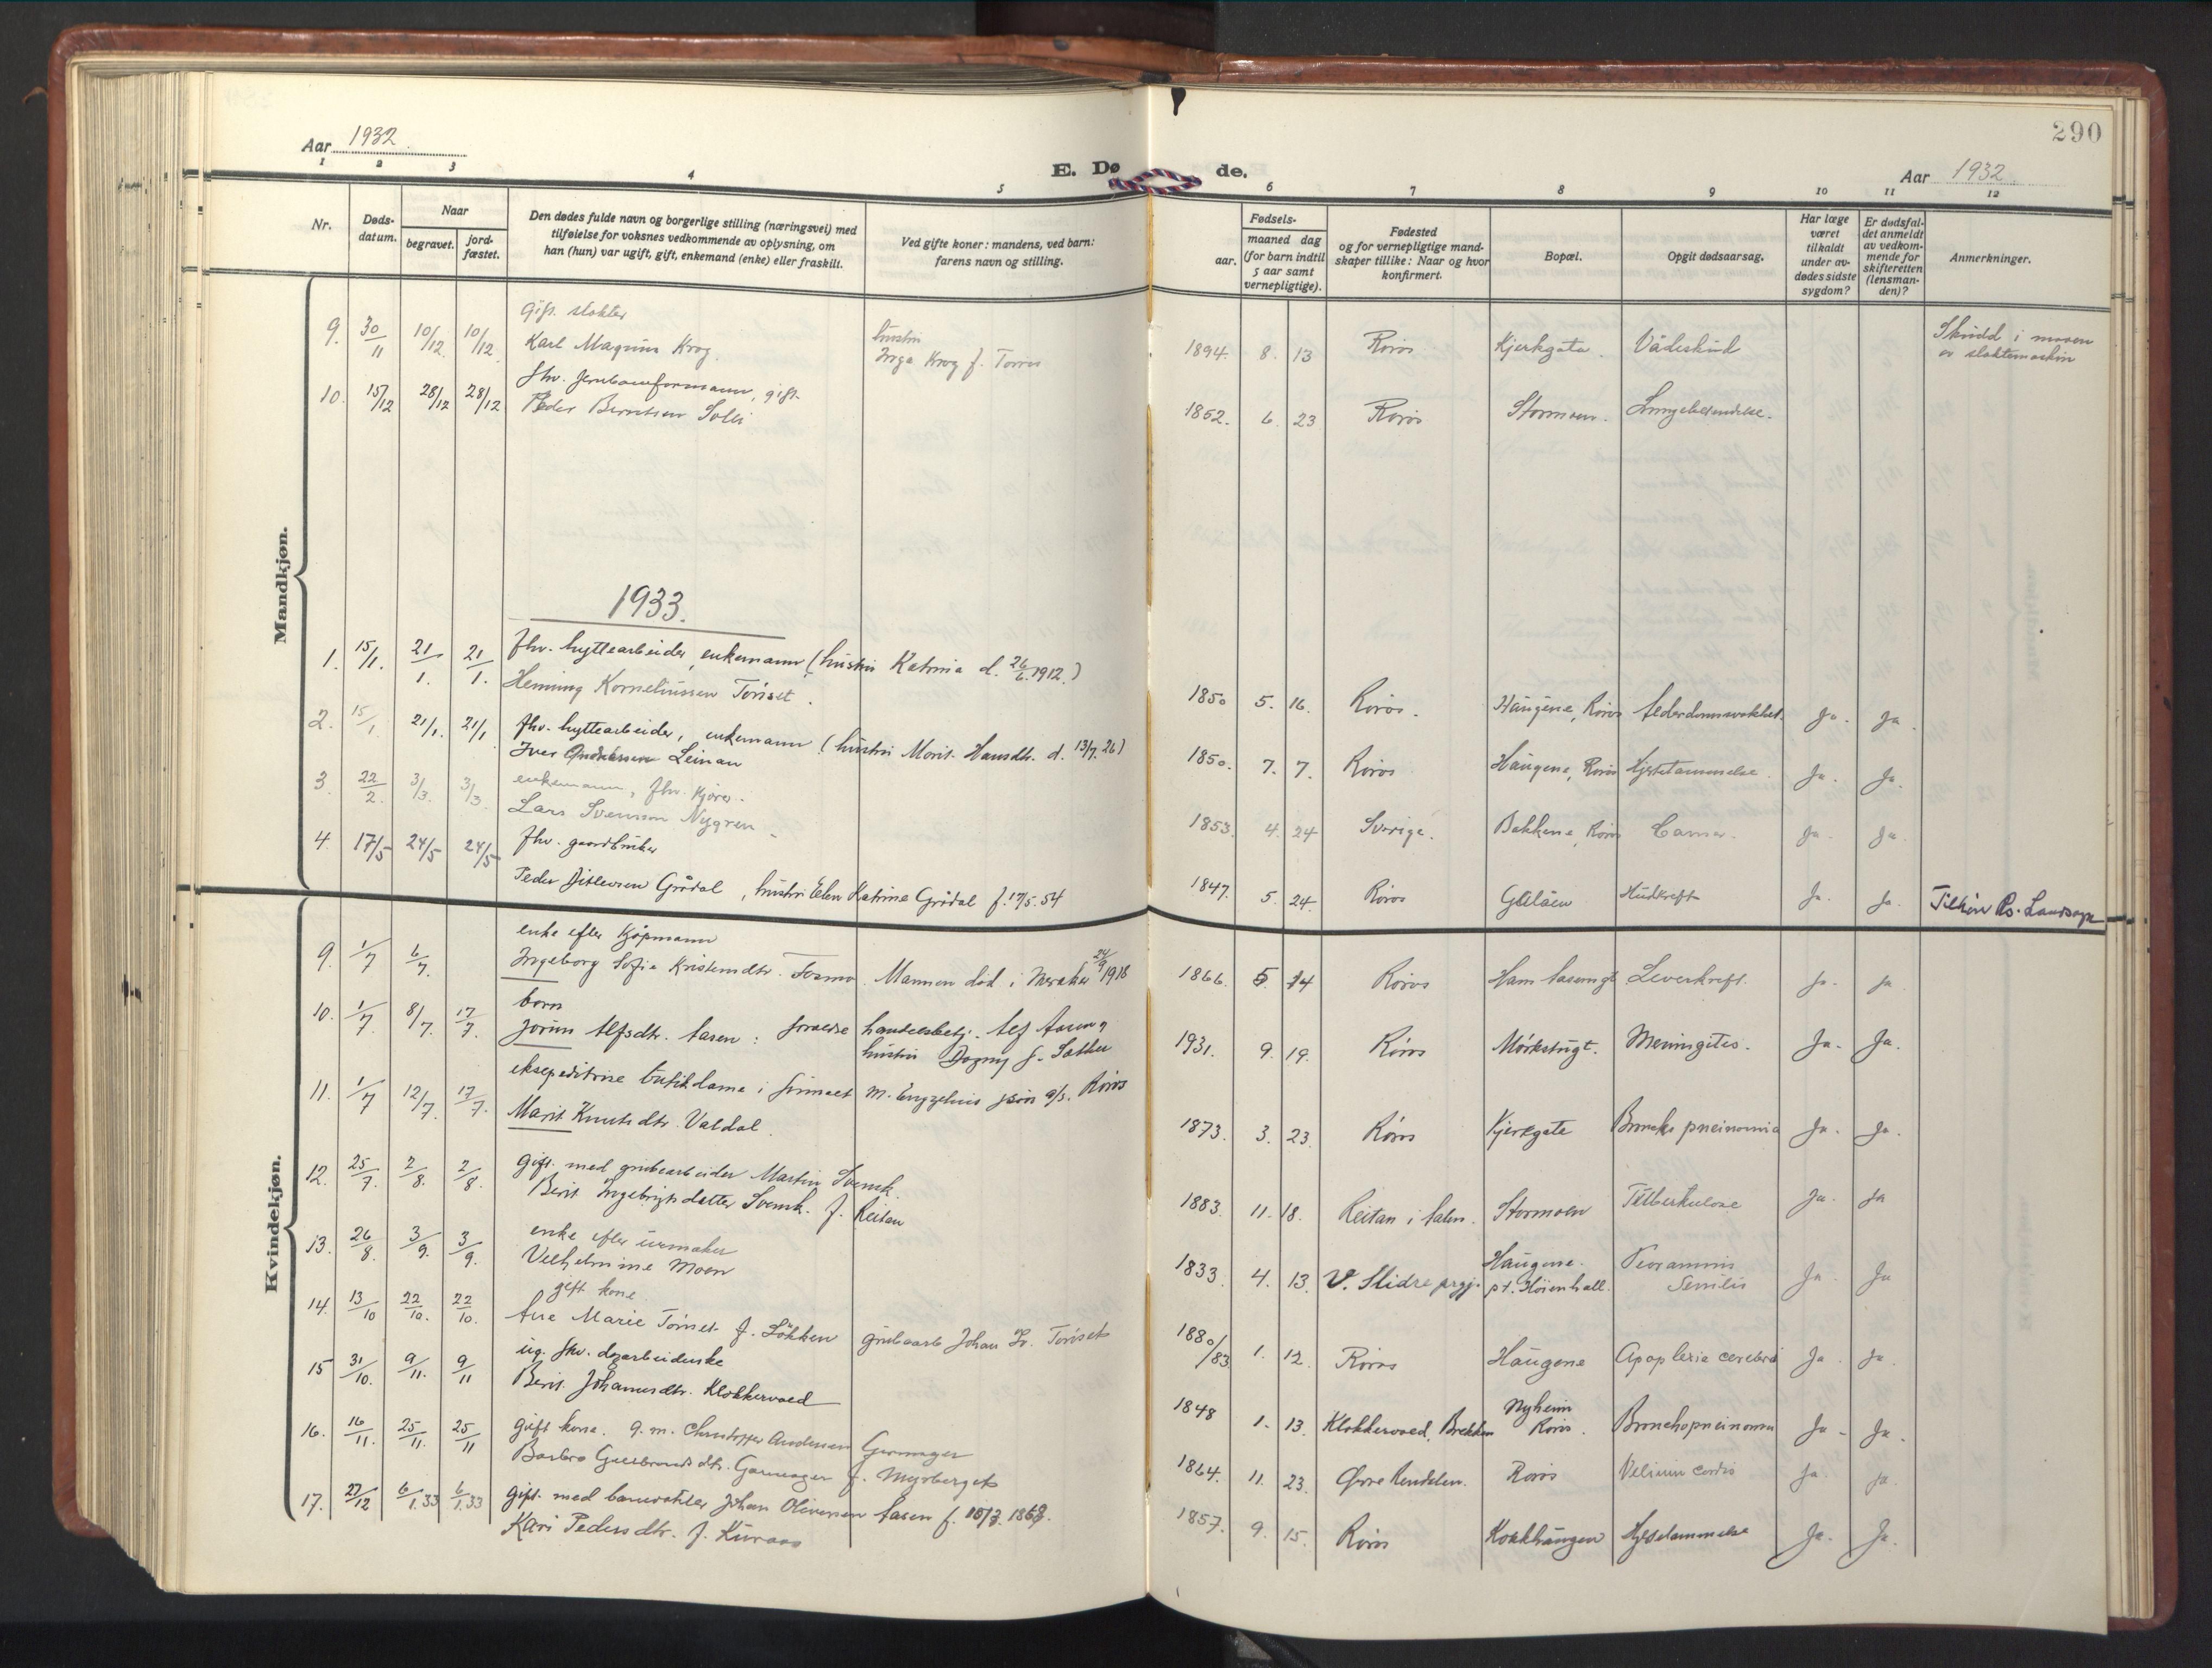 SAT, Ministerialprotokoller, klokkerbøker og fødselsregistre - Sør-Trøndelag, 681/L0943: Klokkerbok nr. 681C07, 1926-1954, s. 290